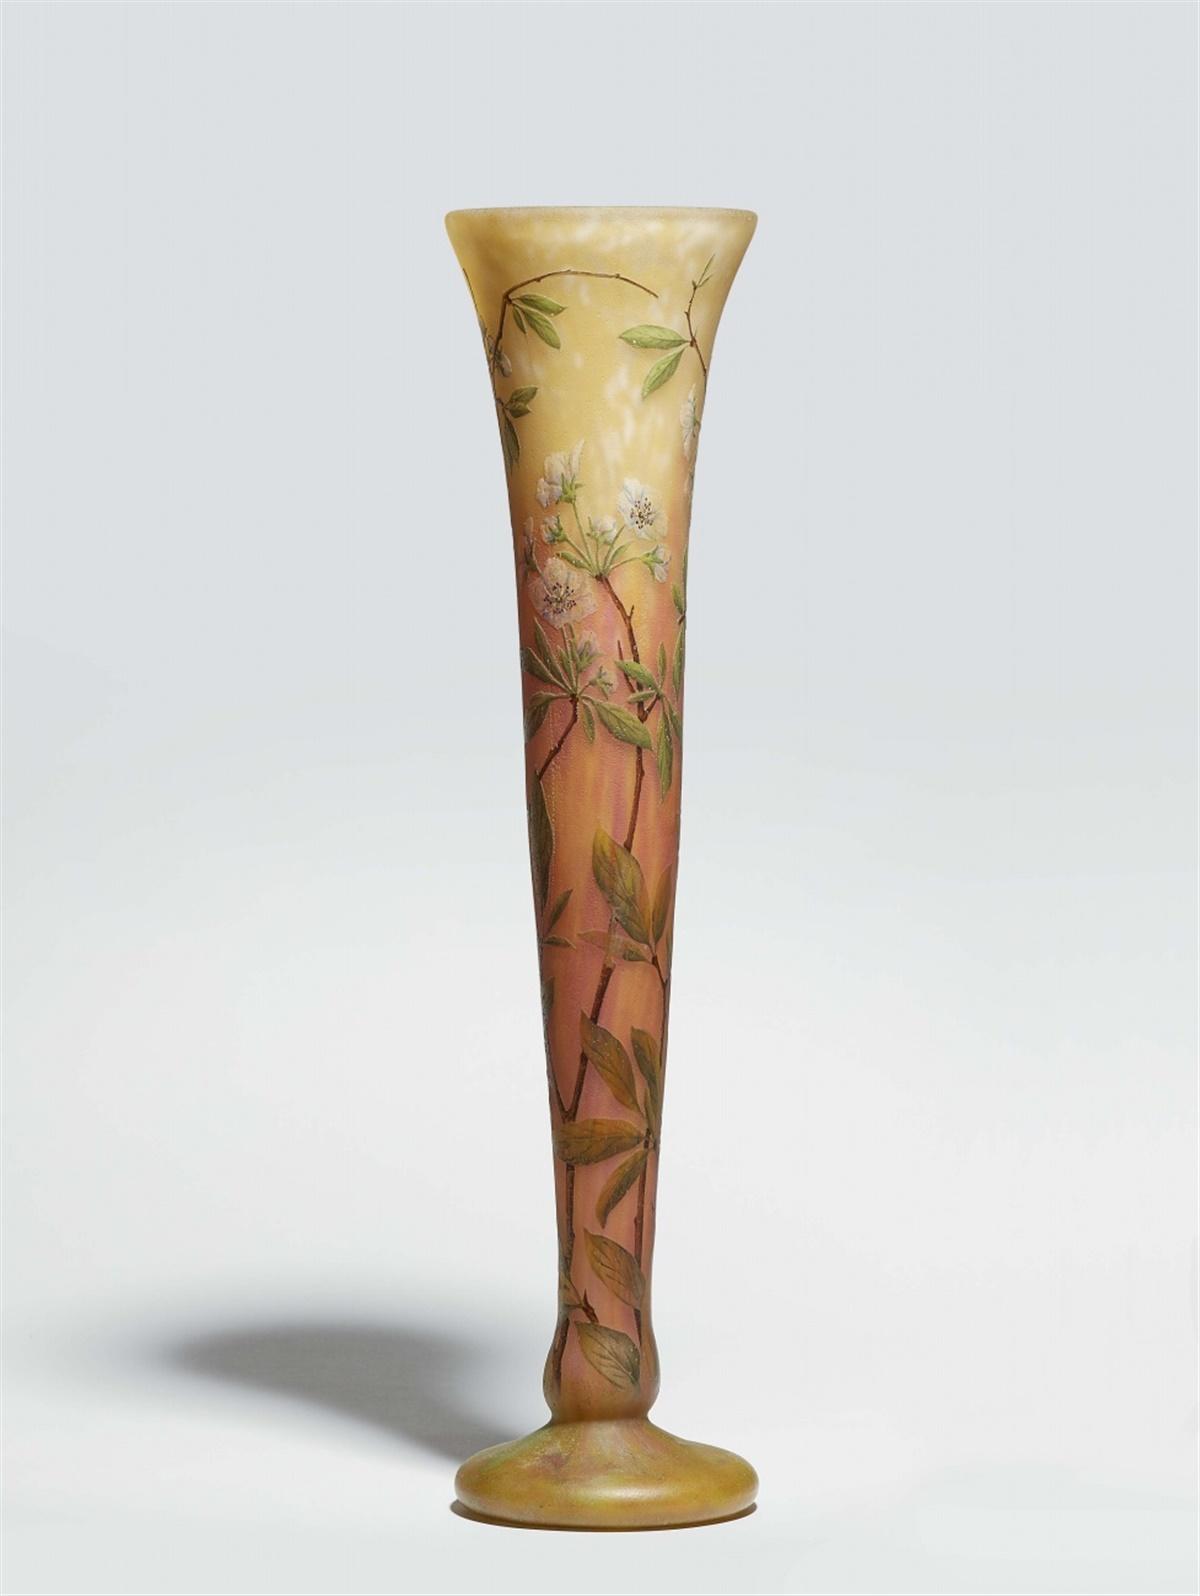 Lot 23 - Hohe Trichtervase cerisiers en fleursMatt geätztes Glas mit rotgelben Pulvereinschmelzungen und